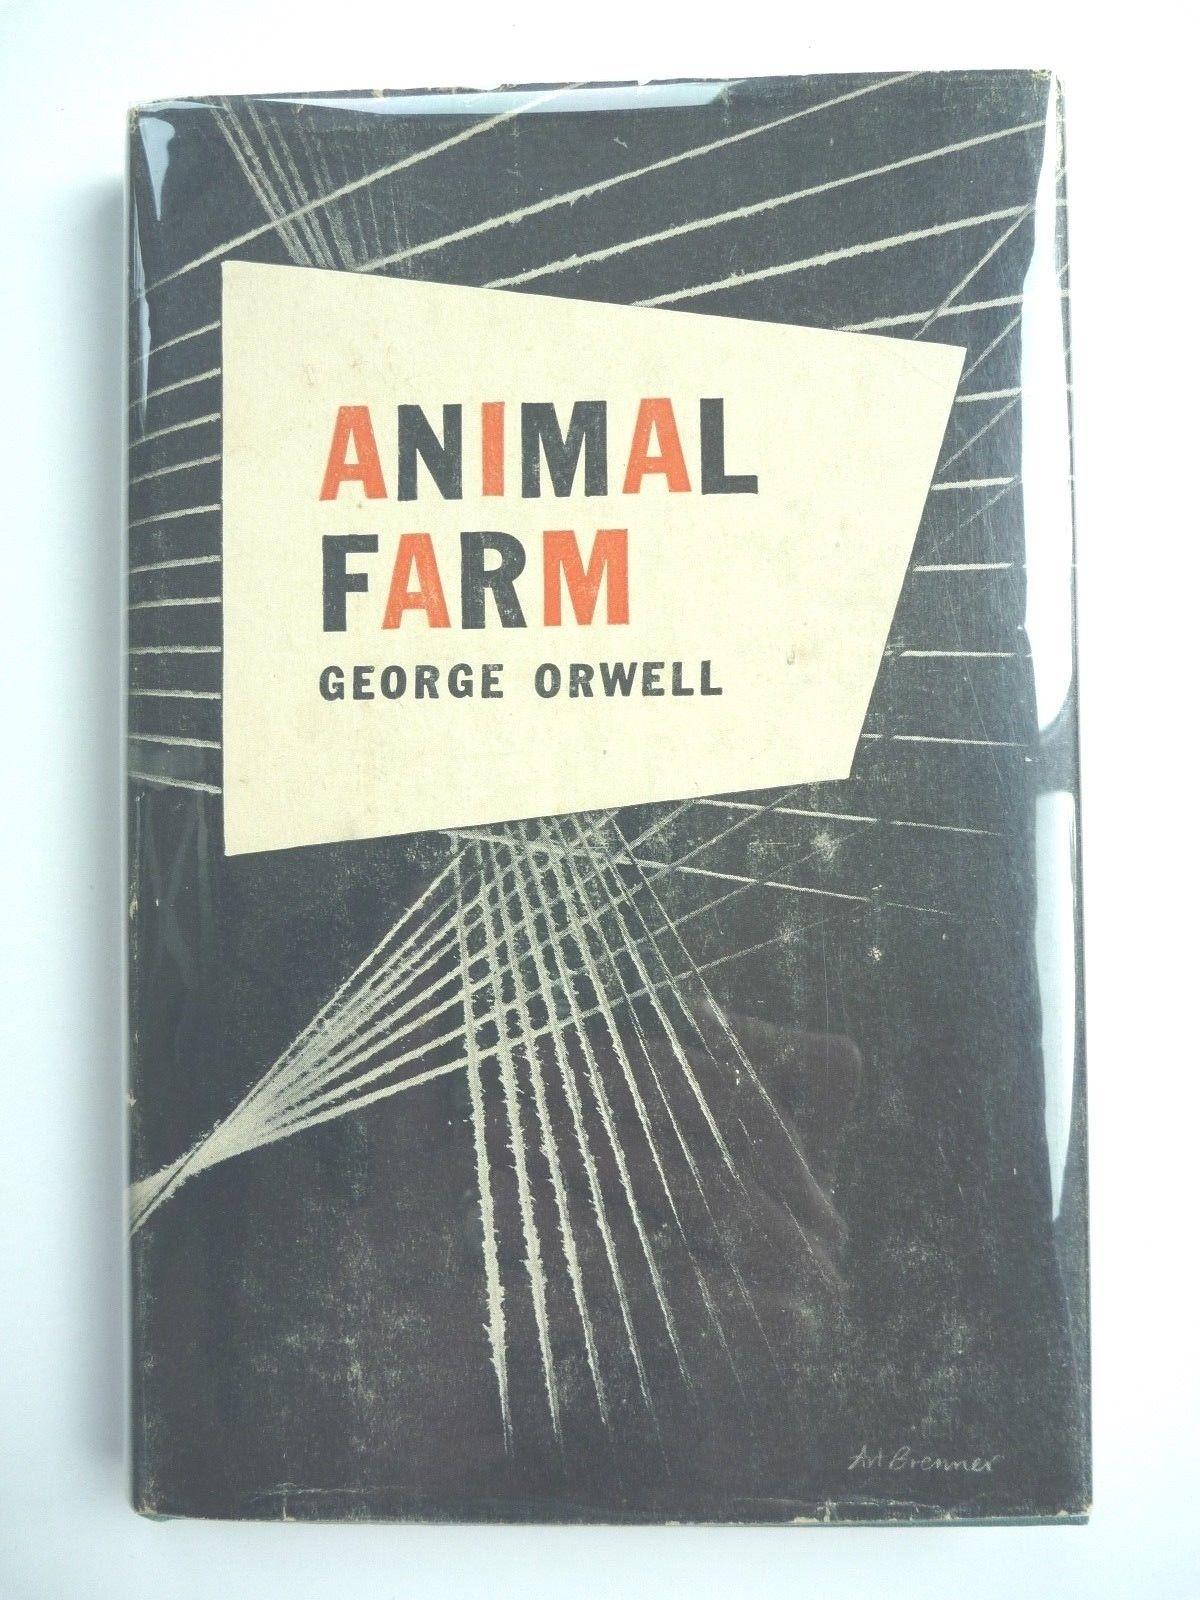 ANIMAL FARM by GEORGE ORWELL 1946 HC EDITION w/ JACKET